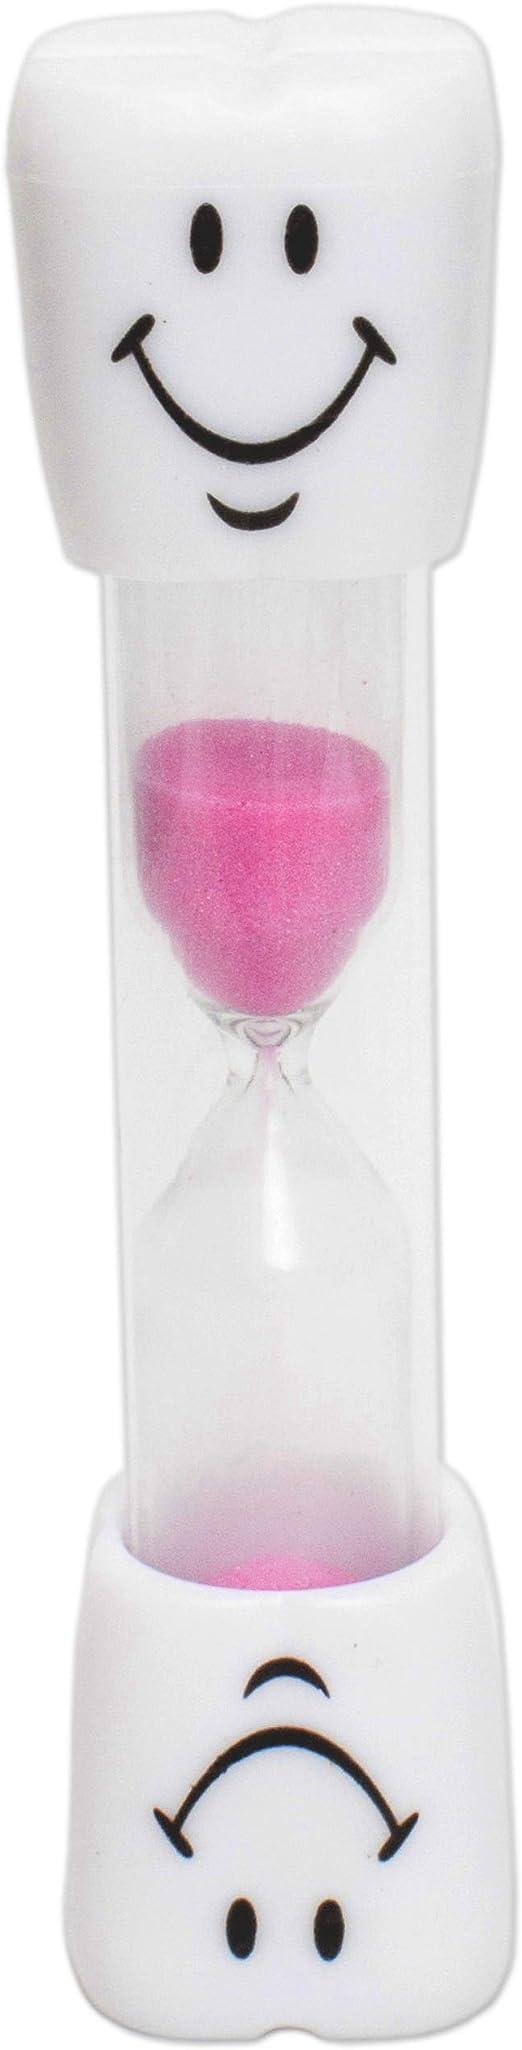 MachinYesell 2 minutes sablier enfants brosser deux minutes Mini minuterie cr/éative exquise petits cadeaux